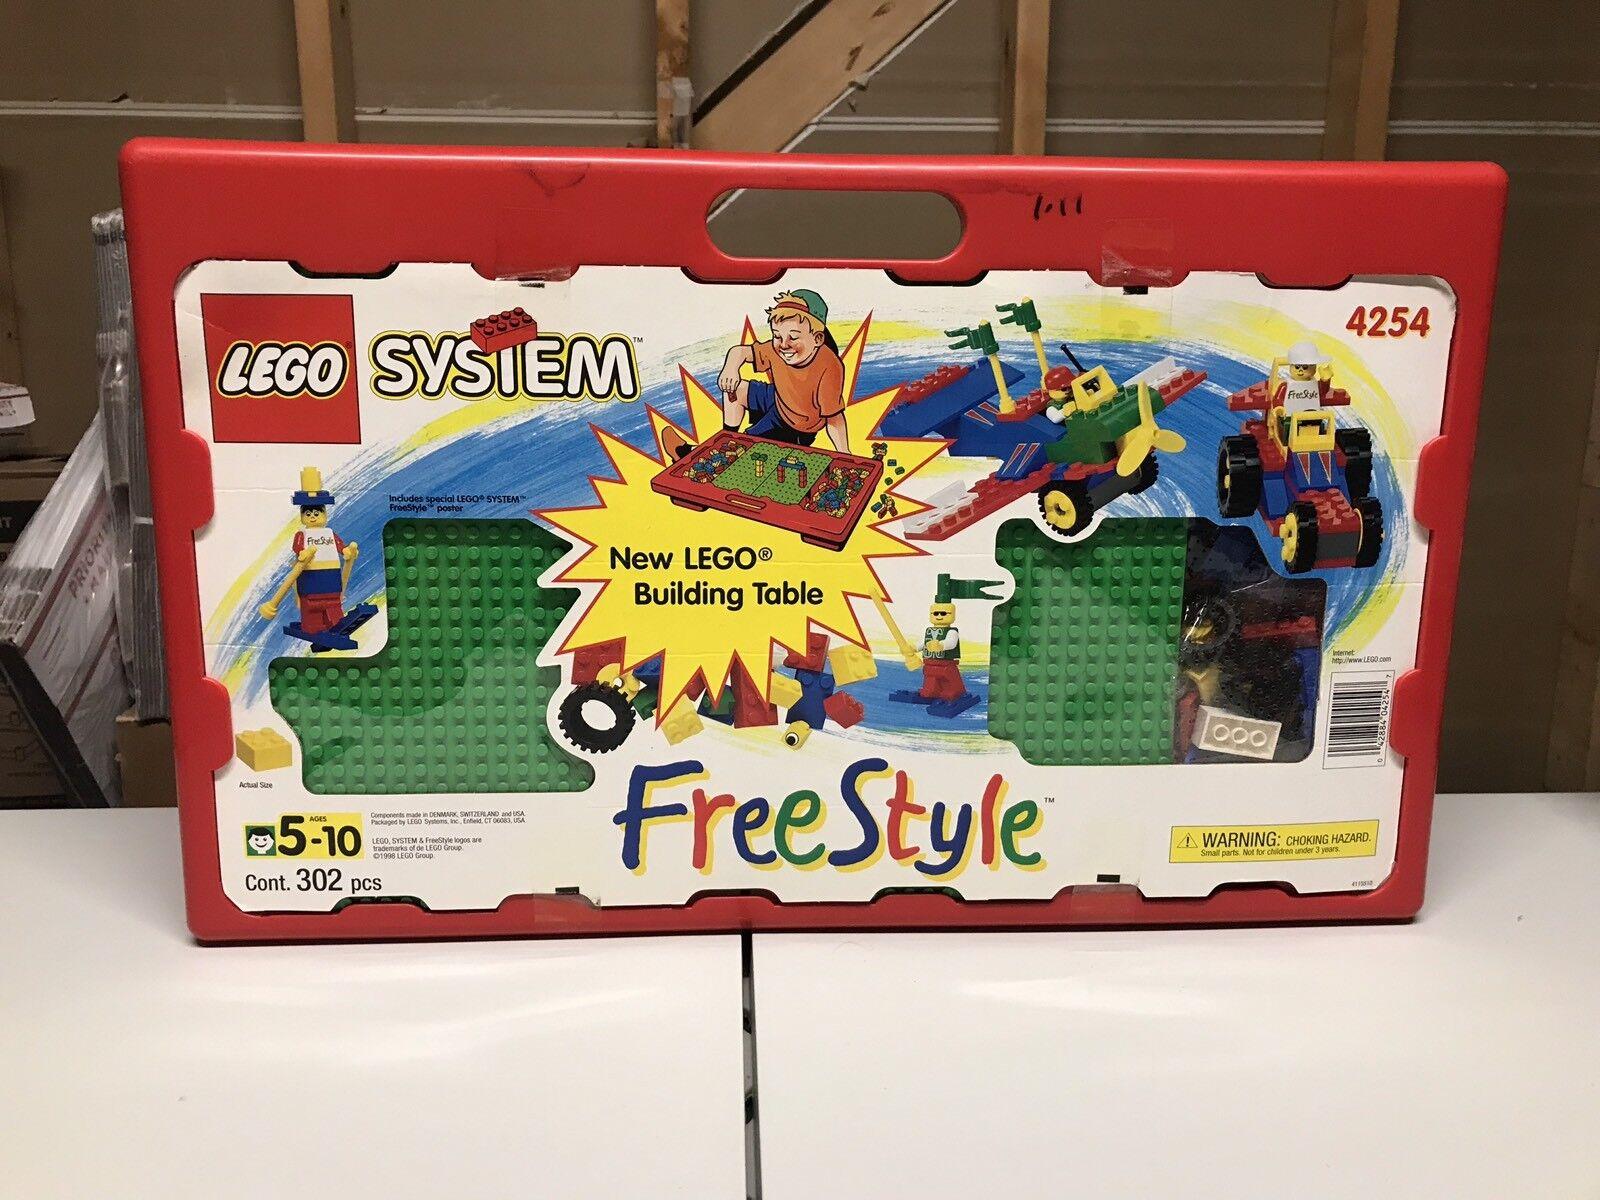 Lego  4254 System Libre Style 1998 Building Table Factory Sealed 302 PIECES  économiser jusqu'à 70%